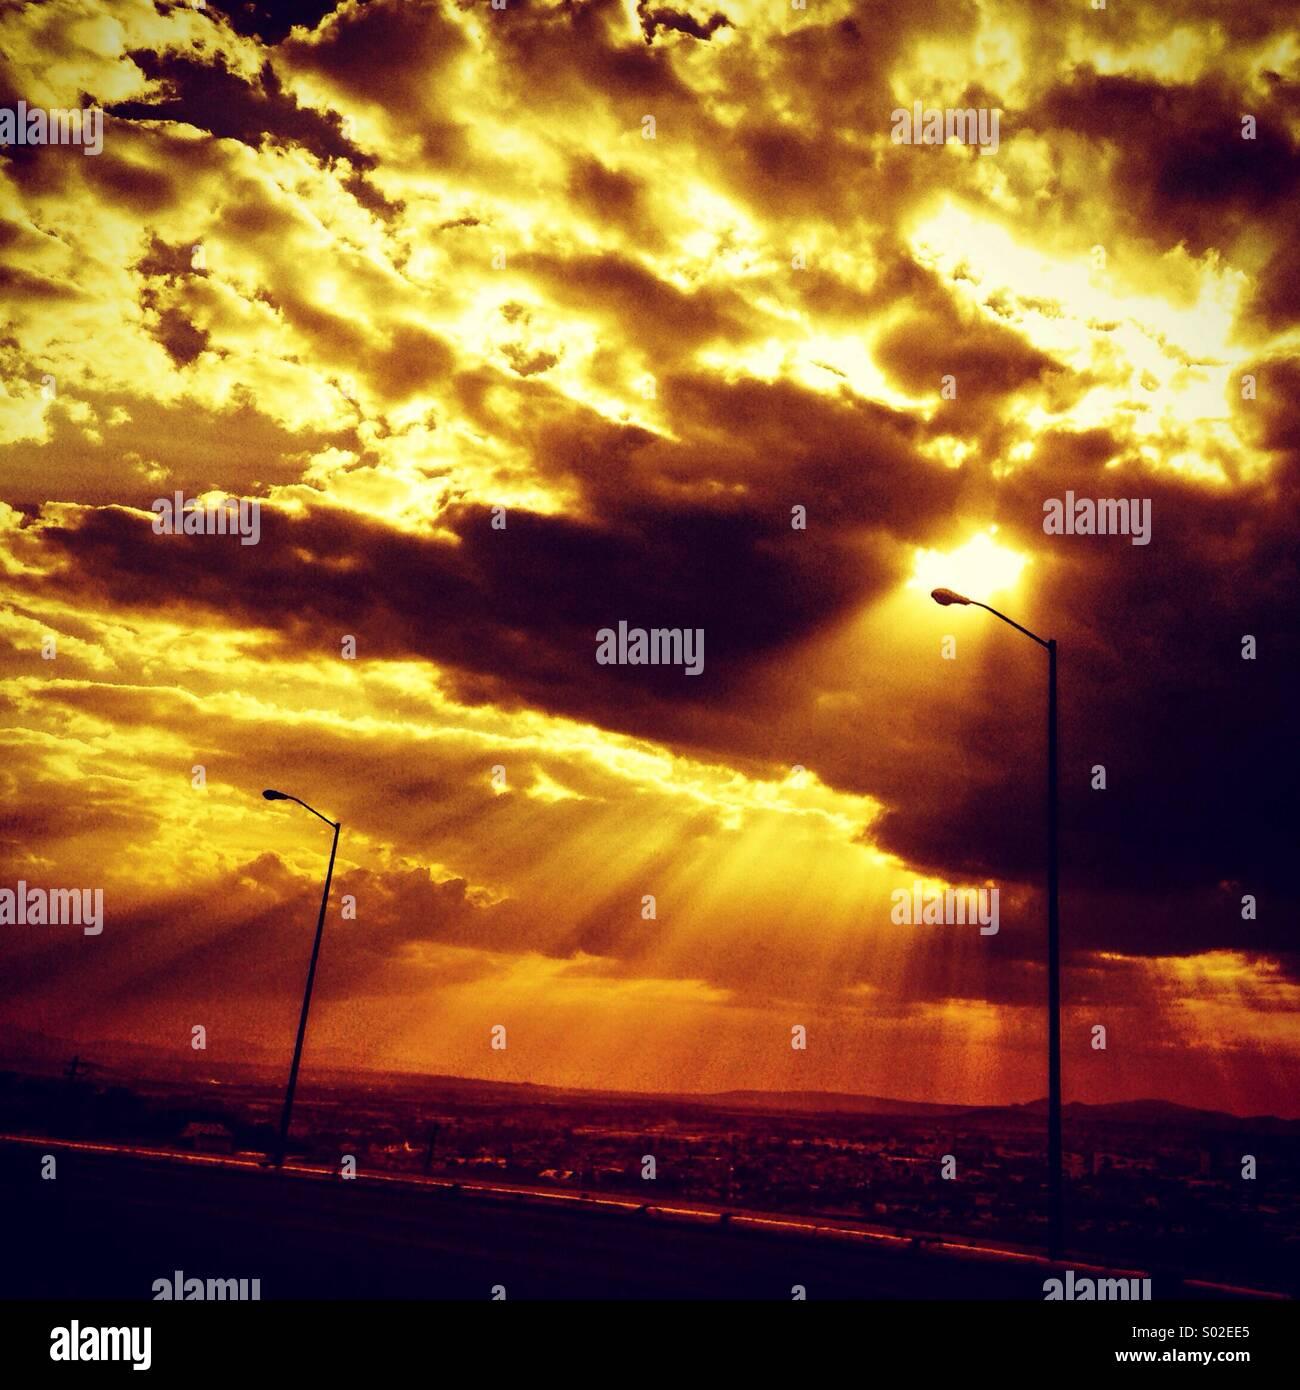 Querétaro luz sol - Stock Image